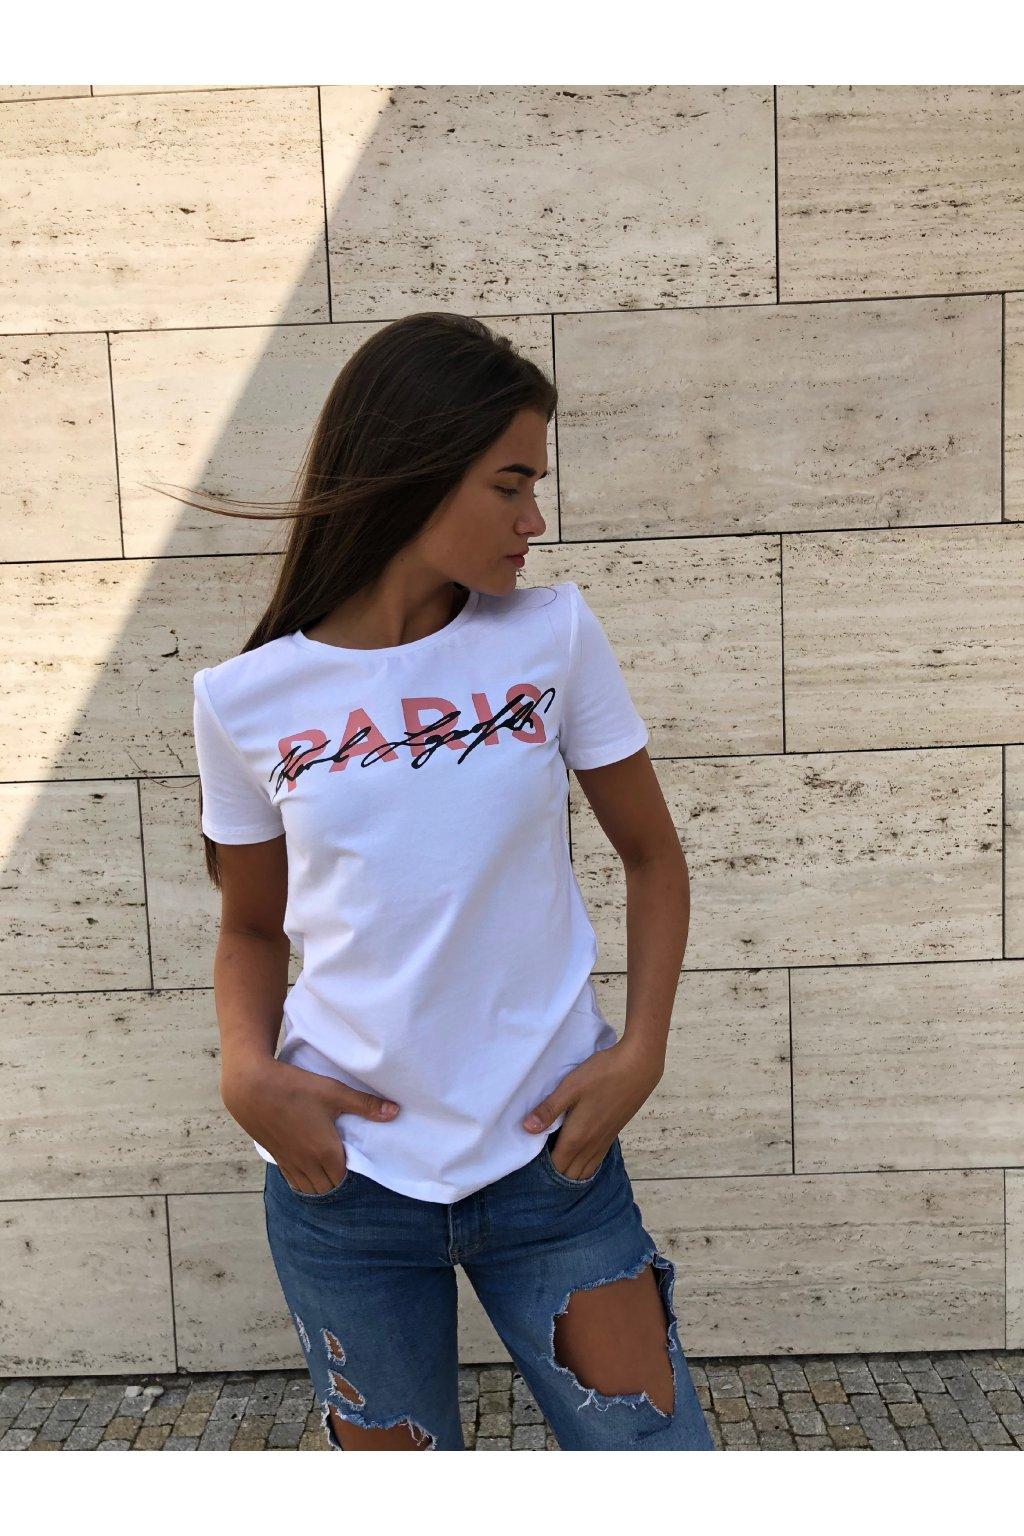 38ec9126fc4e Dámské tričko Karl Lagerfeld Karl Script Graphic T-shirt White Himalyan  Velikost  XS